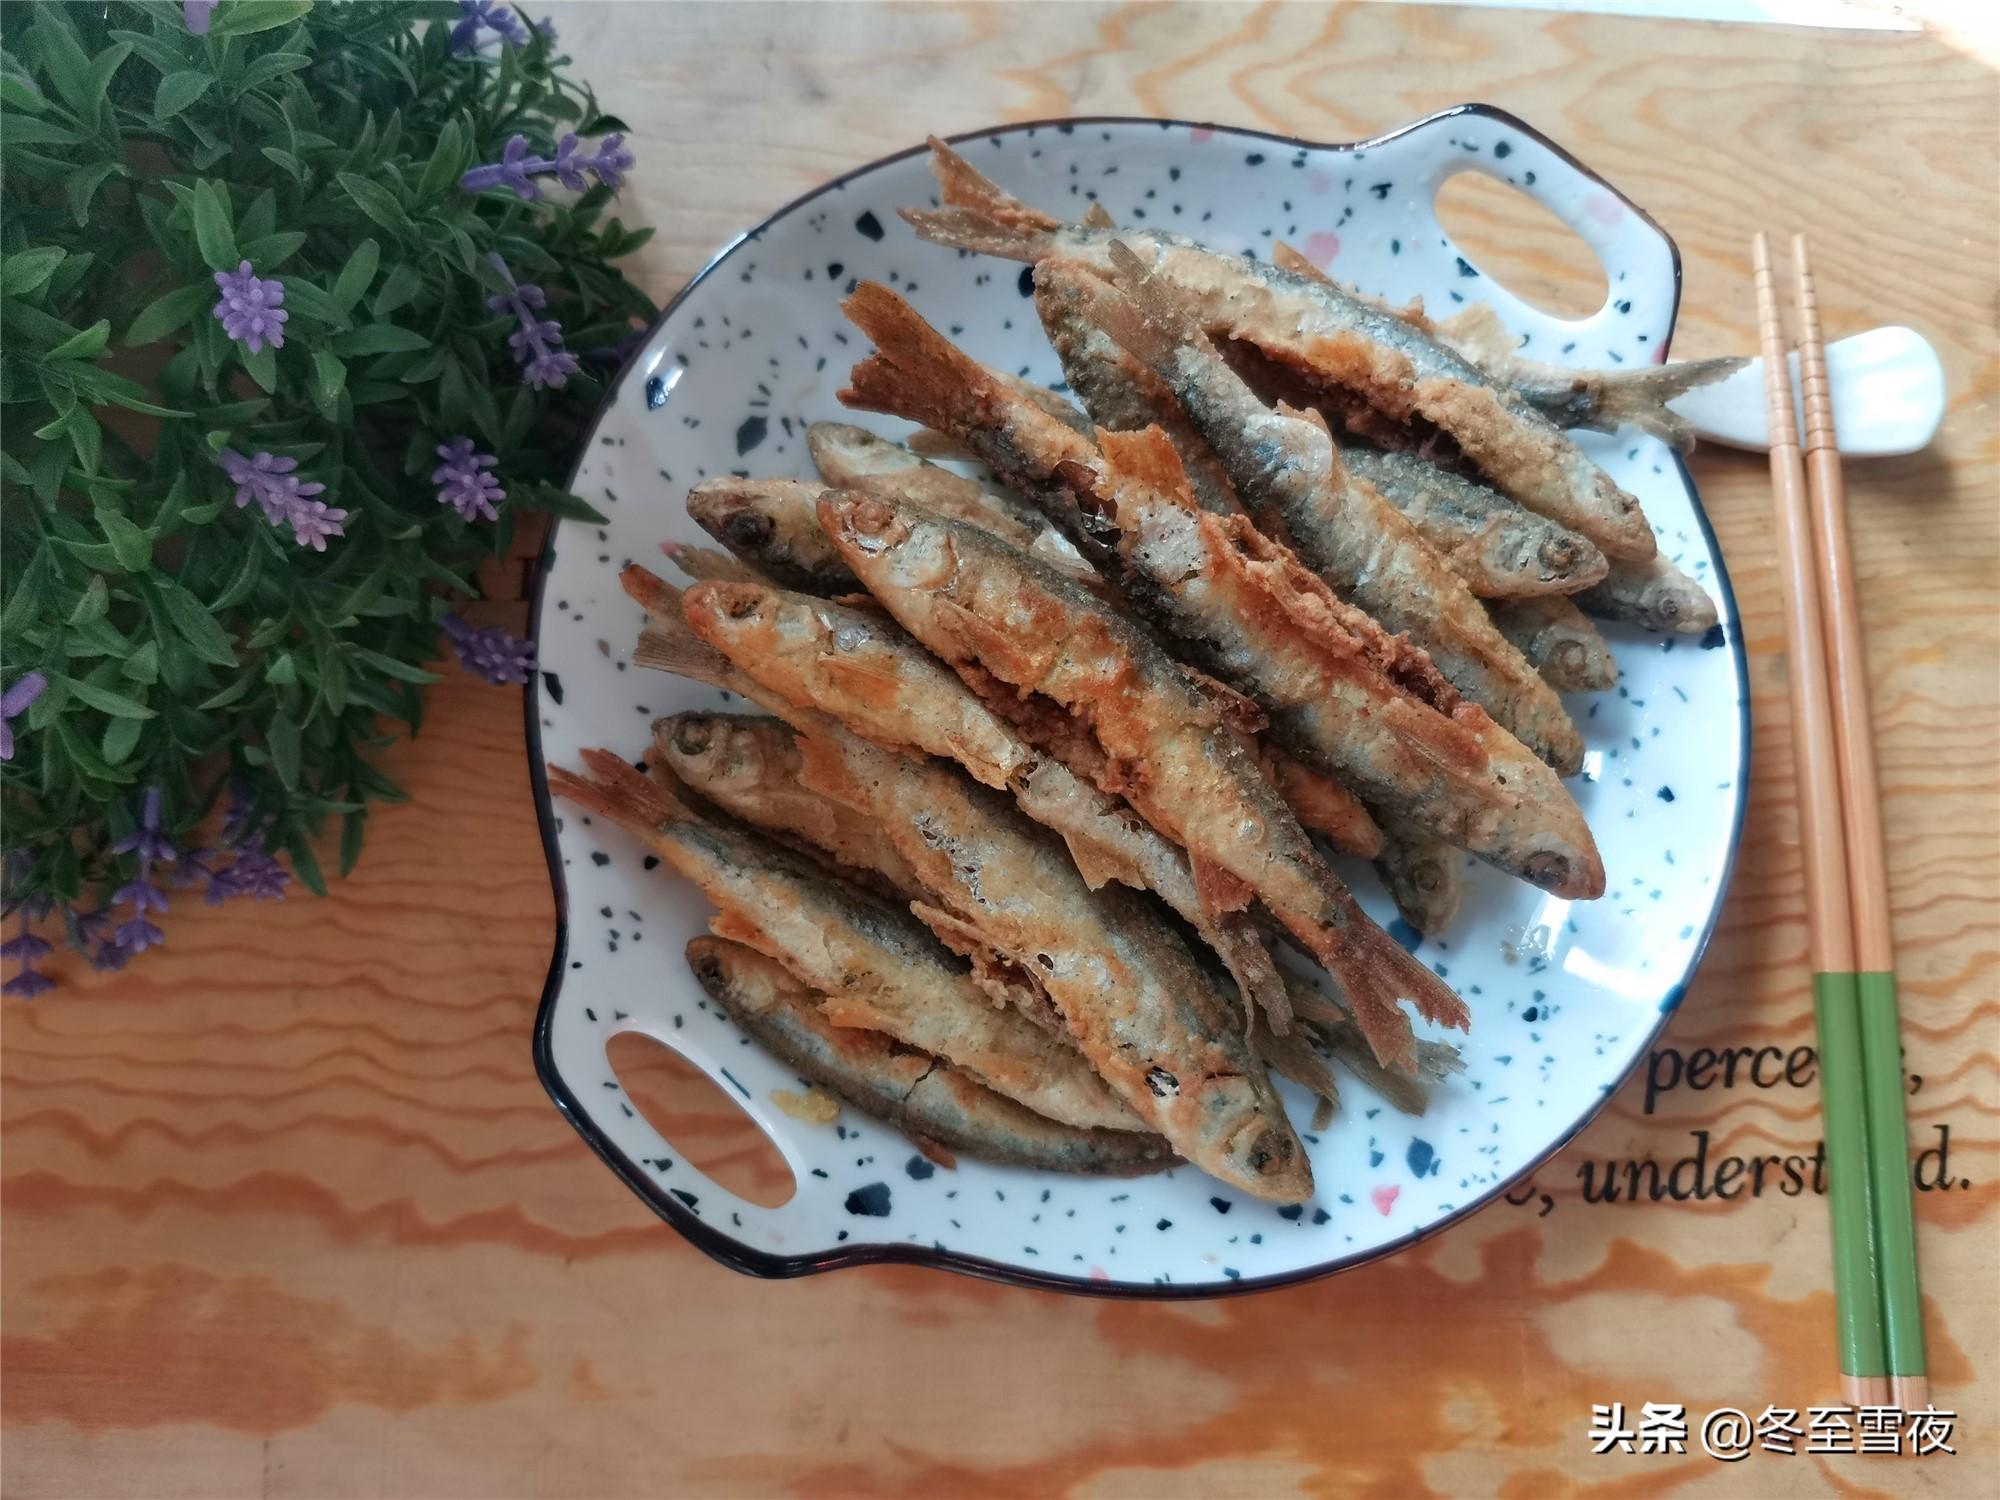 怎样把小河鱼炸得又香又酥,教你干炸的做法,金黄酥脆味道香 美食做法 第8张